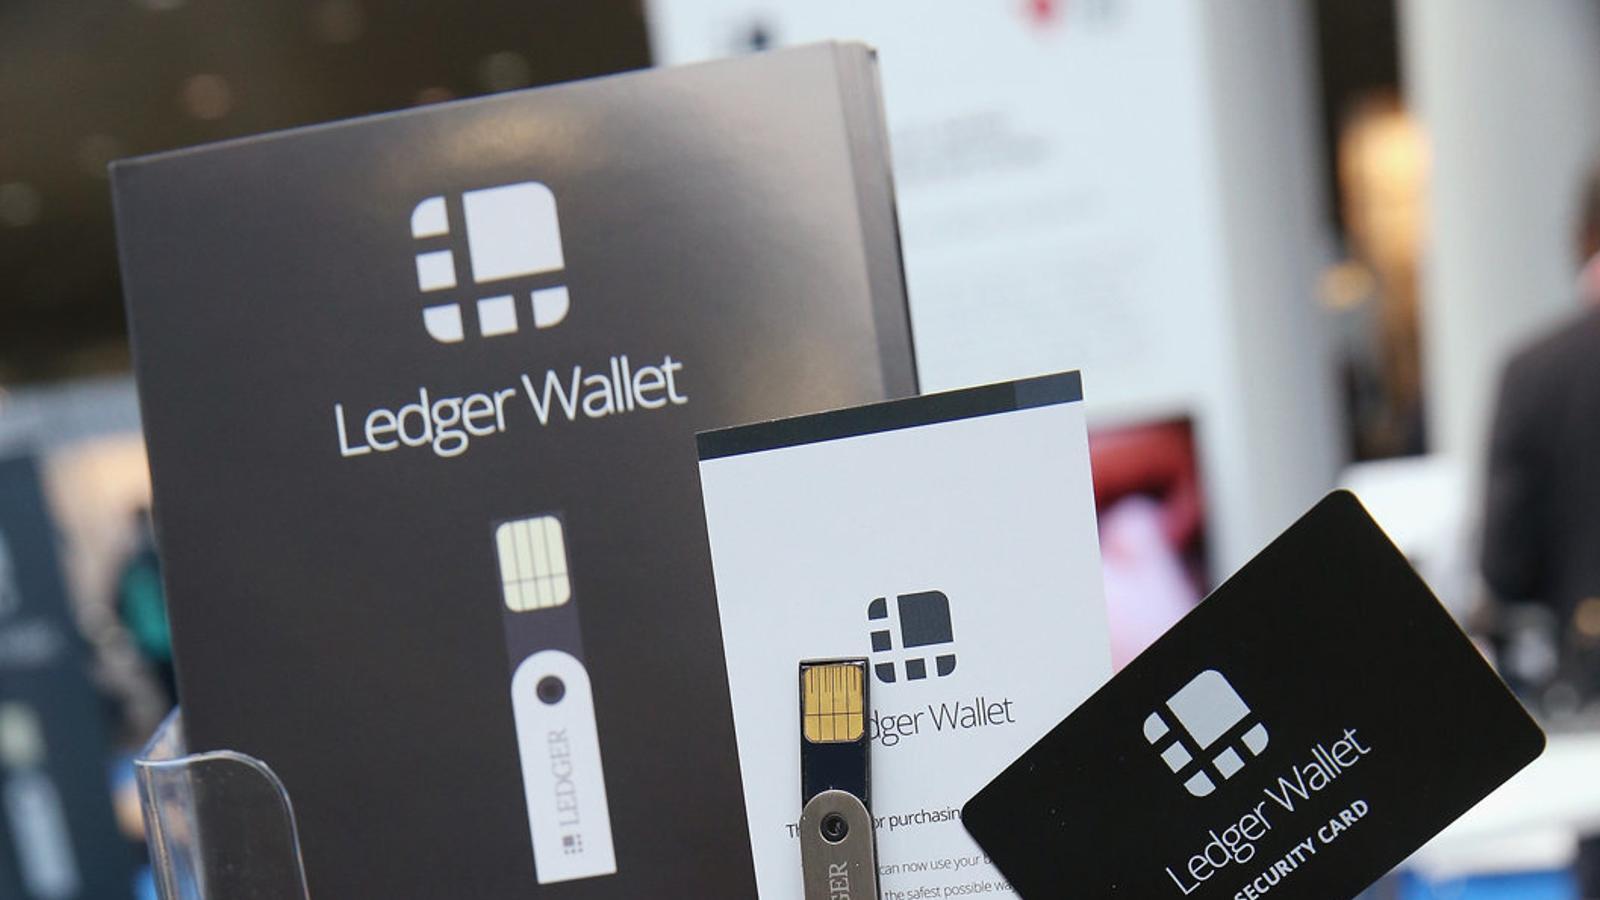 Imatge d'un llapis de memòria que permet fer transaccions amb bitcoins, en un estand d'una fira tecnològica a Hannover.